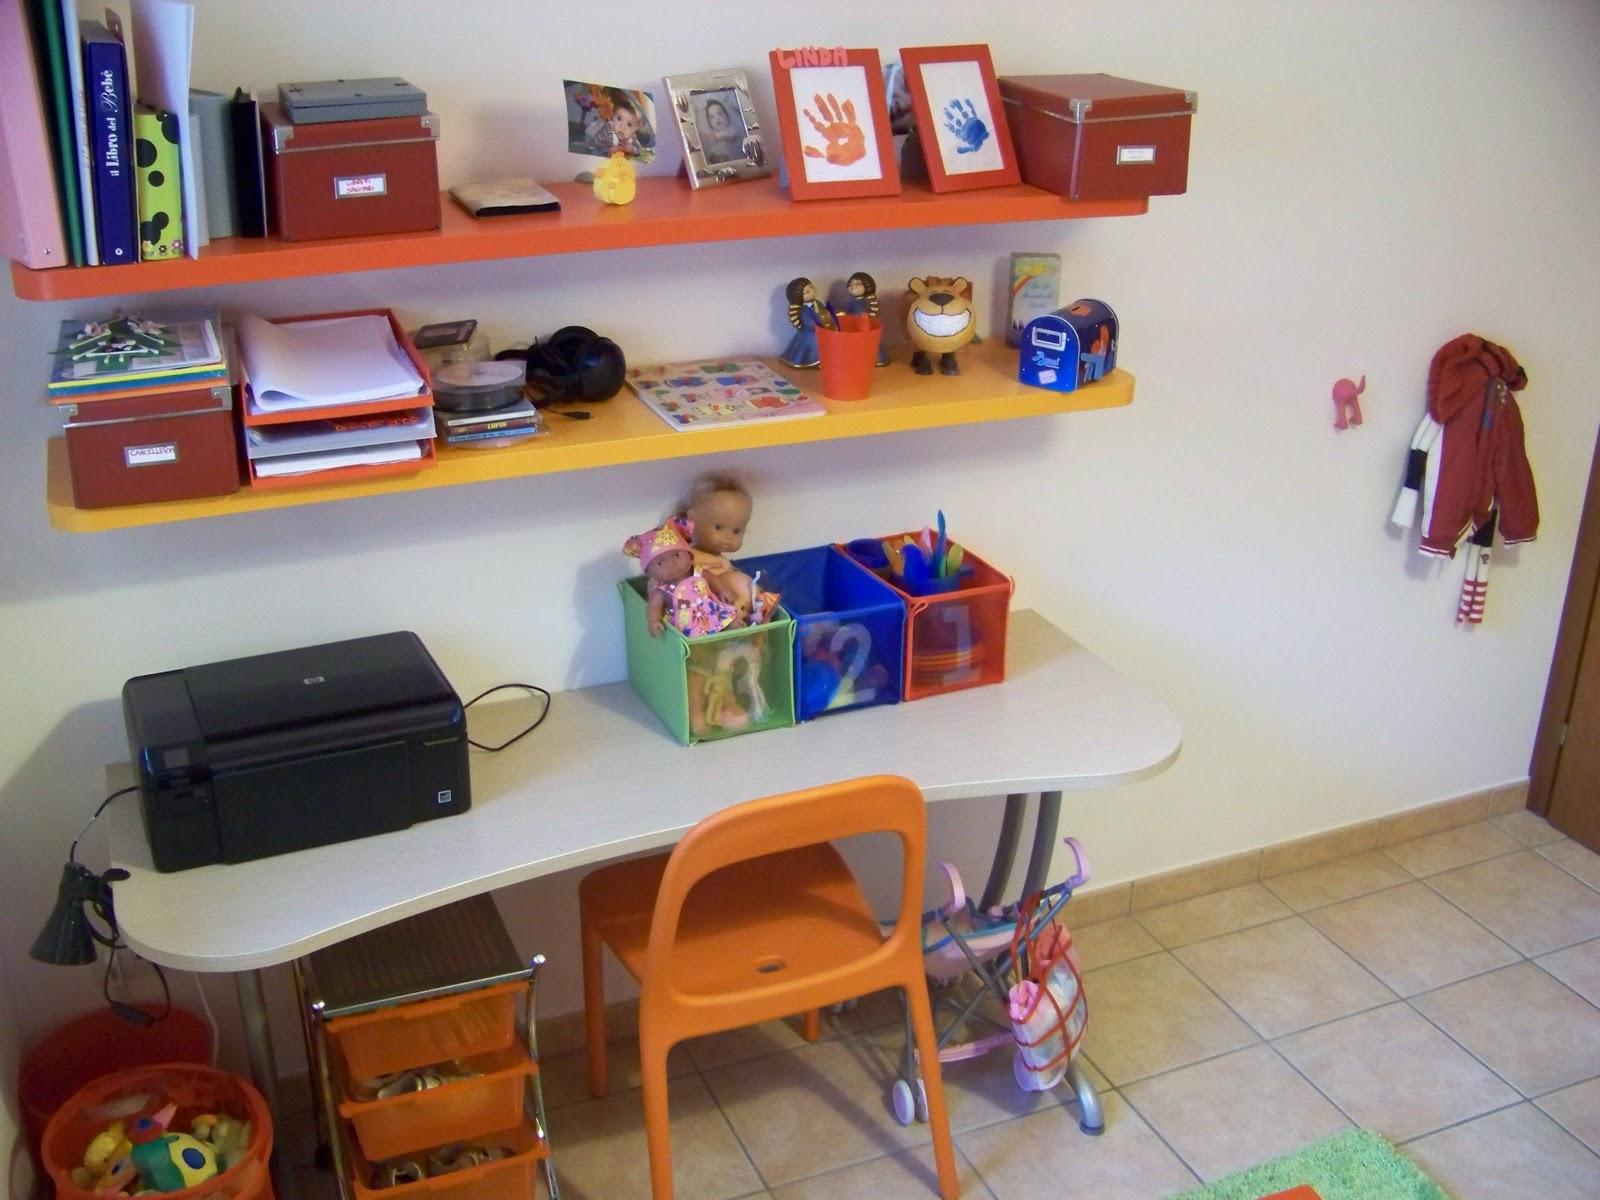 Mamma giochiamo una stanza per giocare la camera dei bimbi - Mensole per camera bambini ...